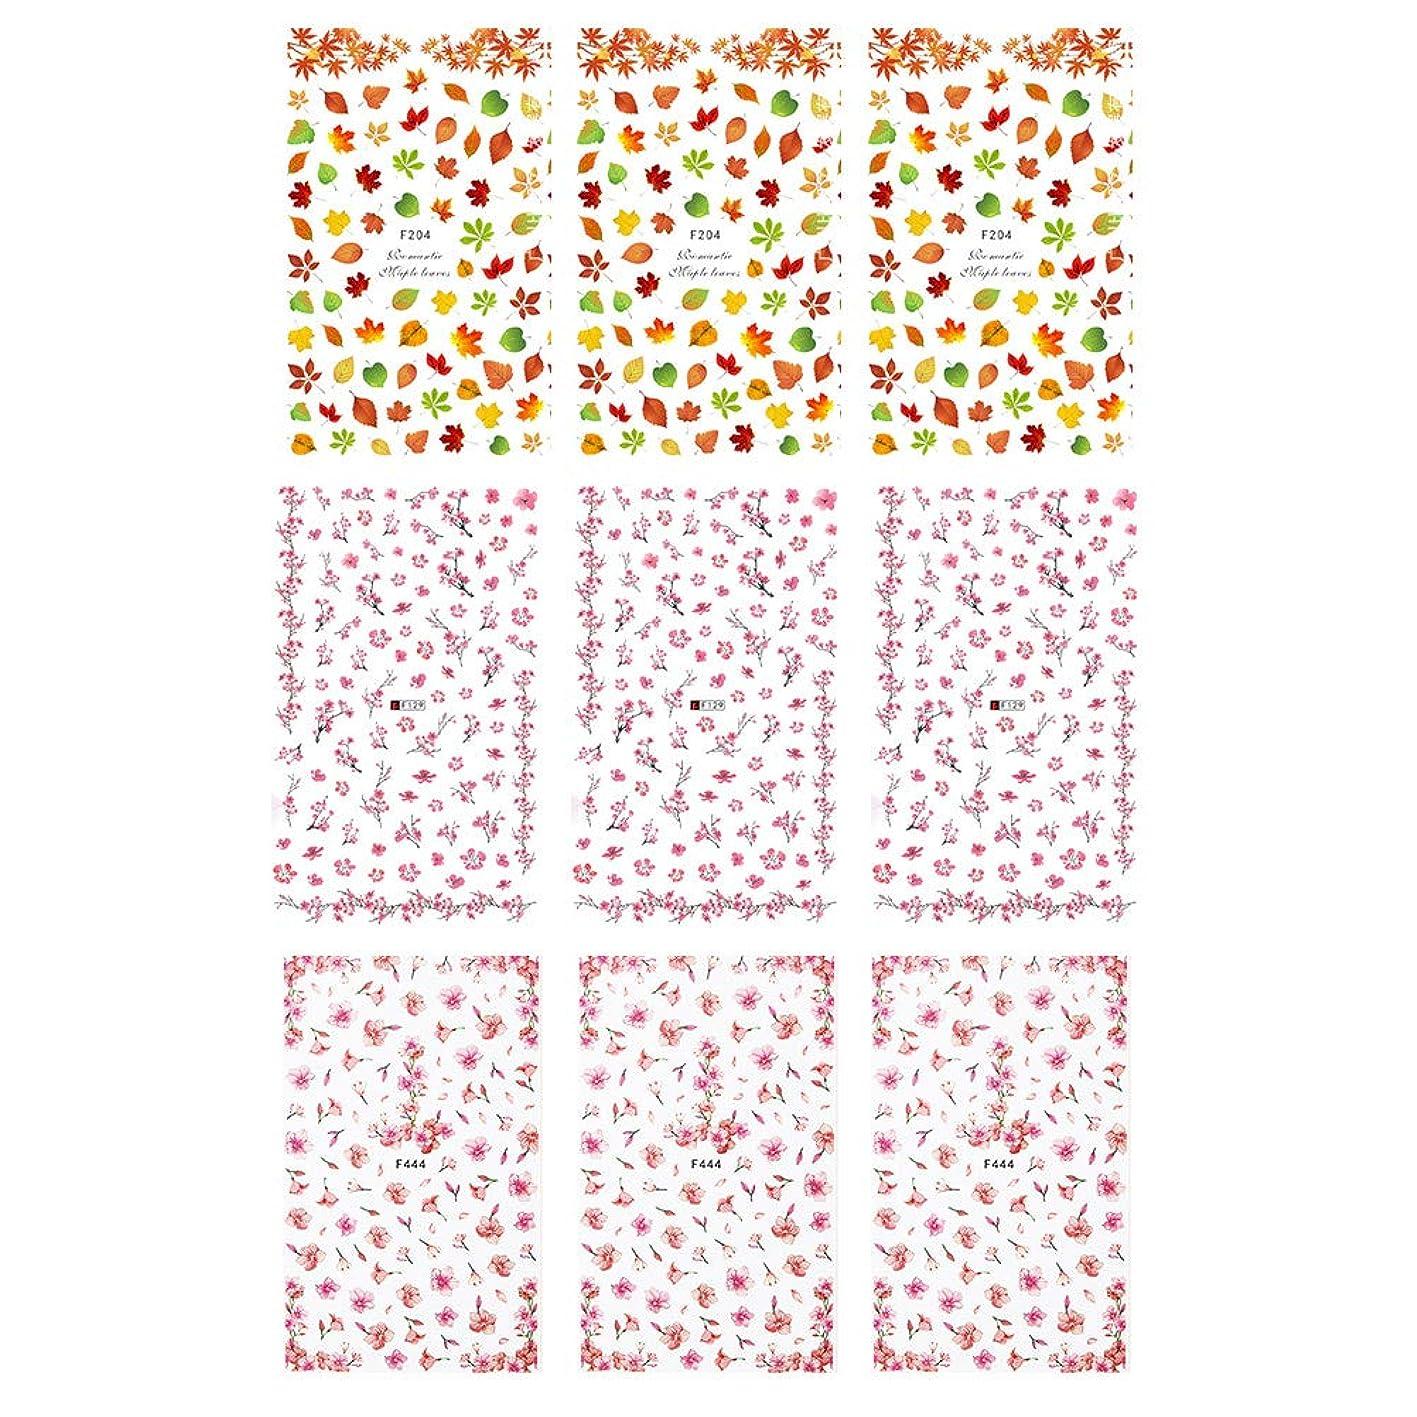 インスタントひそかに教えてFrcolor ネイルシール 花 3D ネイルステッカー 水彩風 ネイルホイル ももの花 桜 ネイルアートシール 爪に貼るだけ マニキュア 3種類 9枚セット